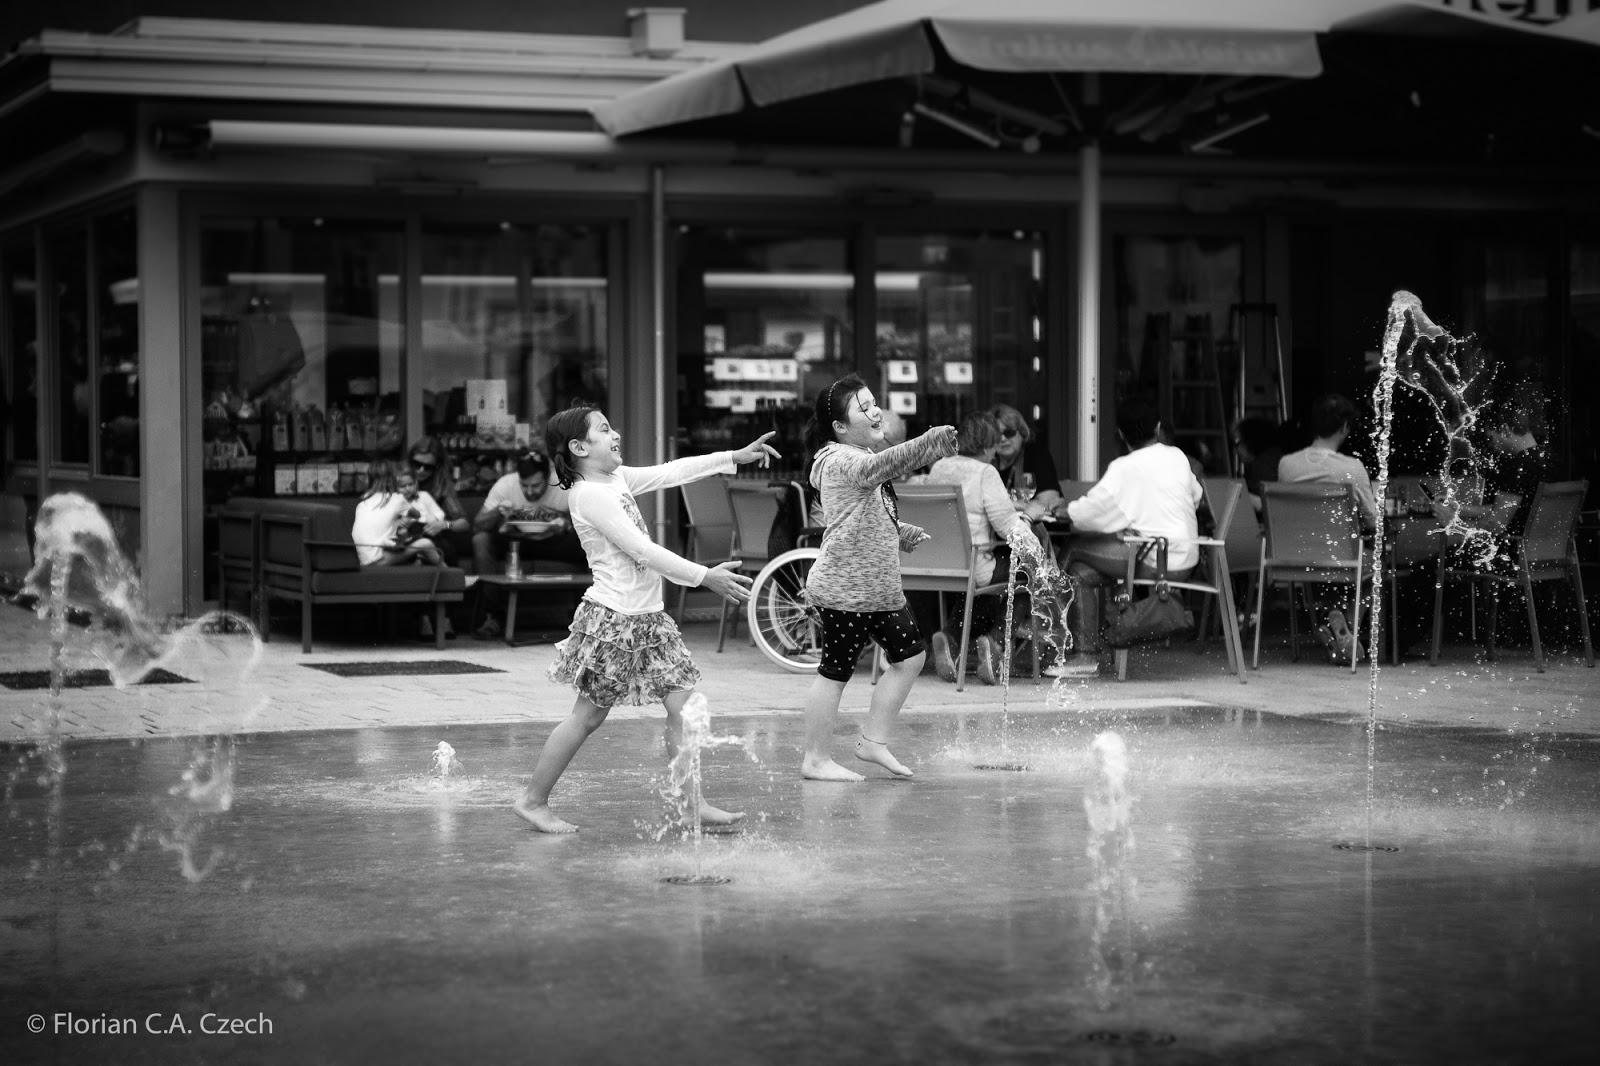 Kinder spielen mit dem Wasser